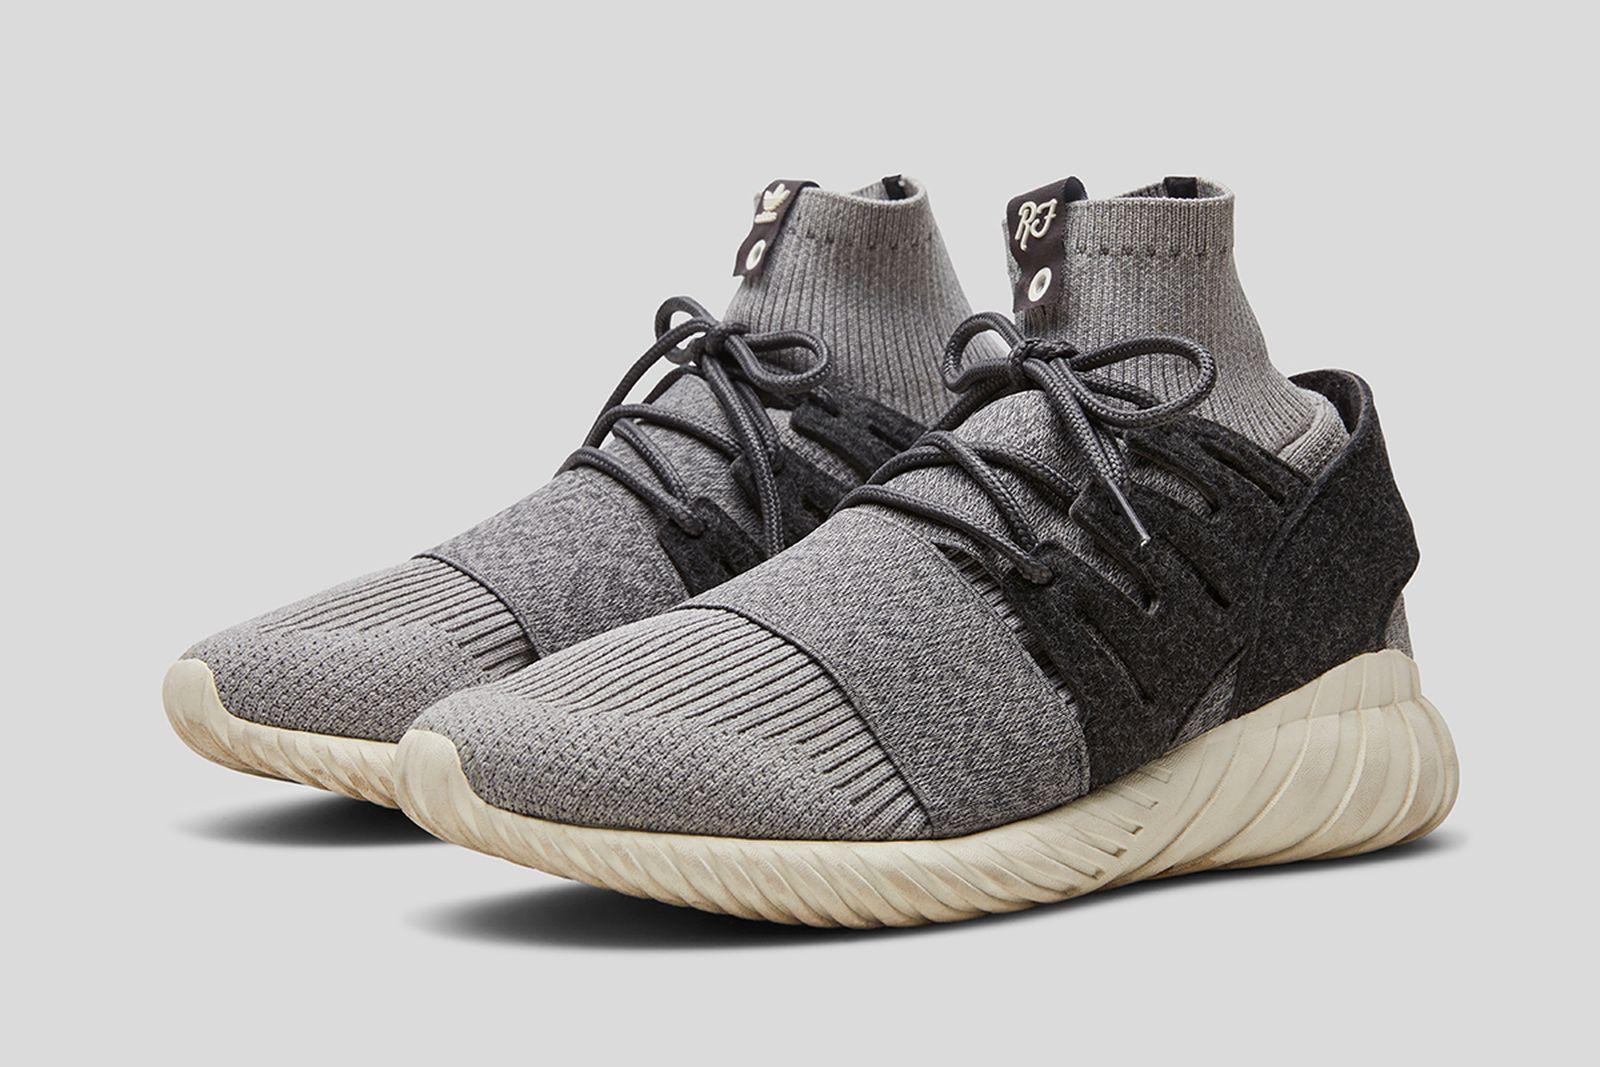 salehe-bembury-grailed-sneaker-sale-02